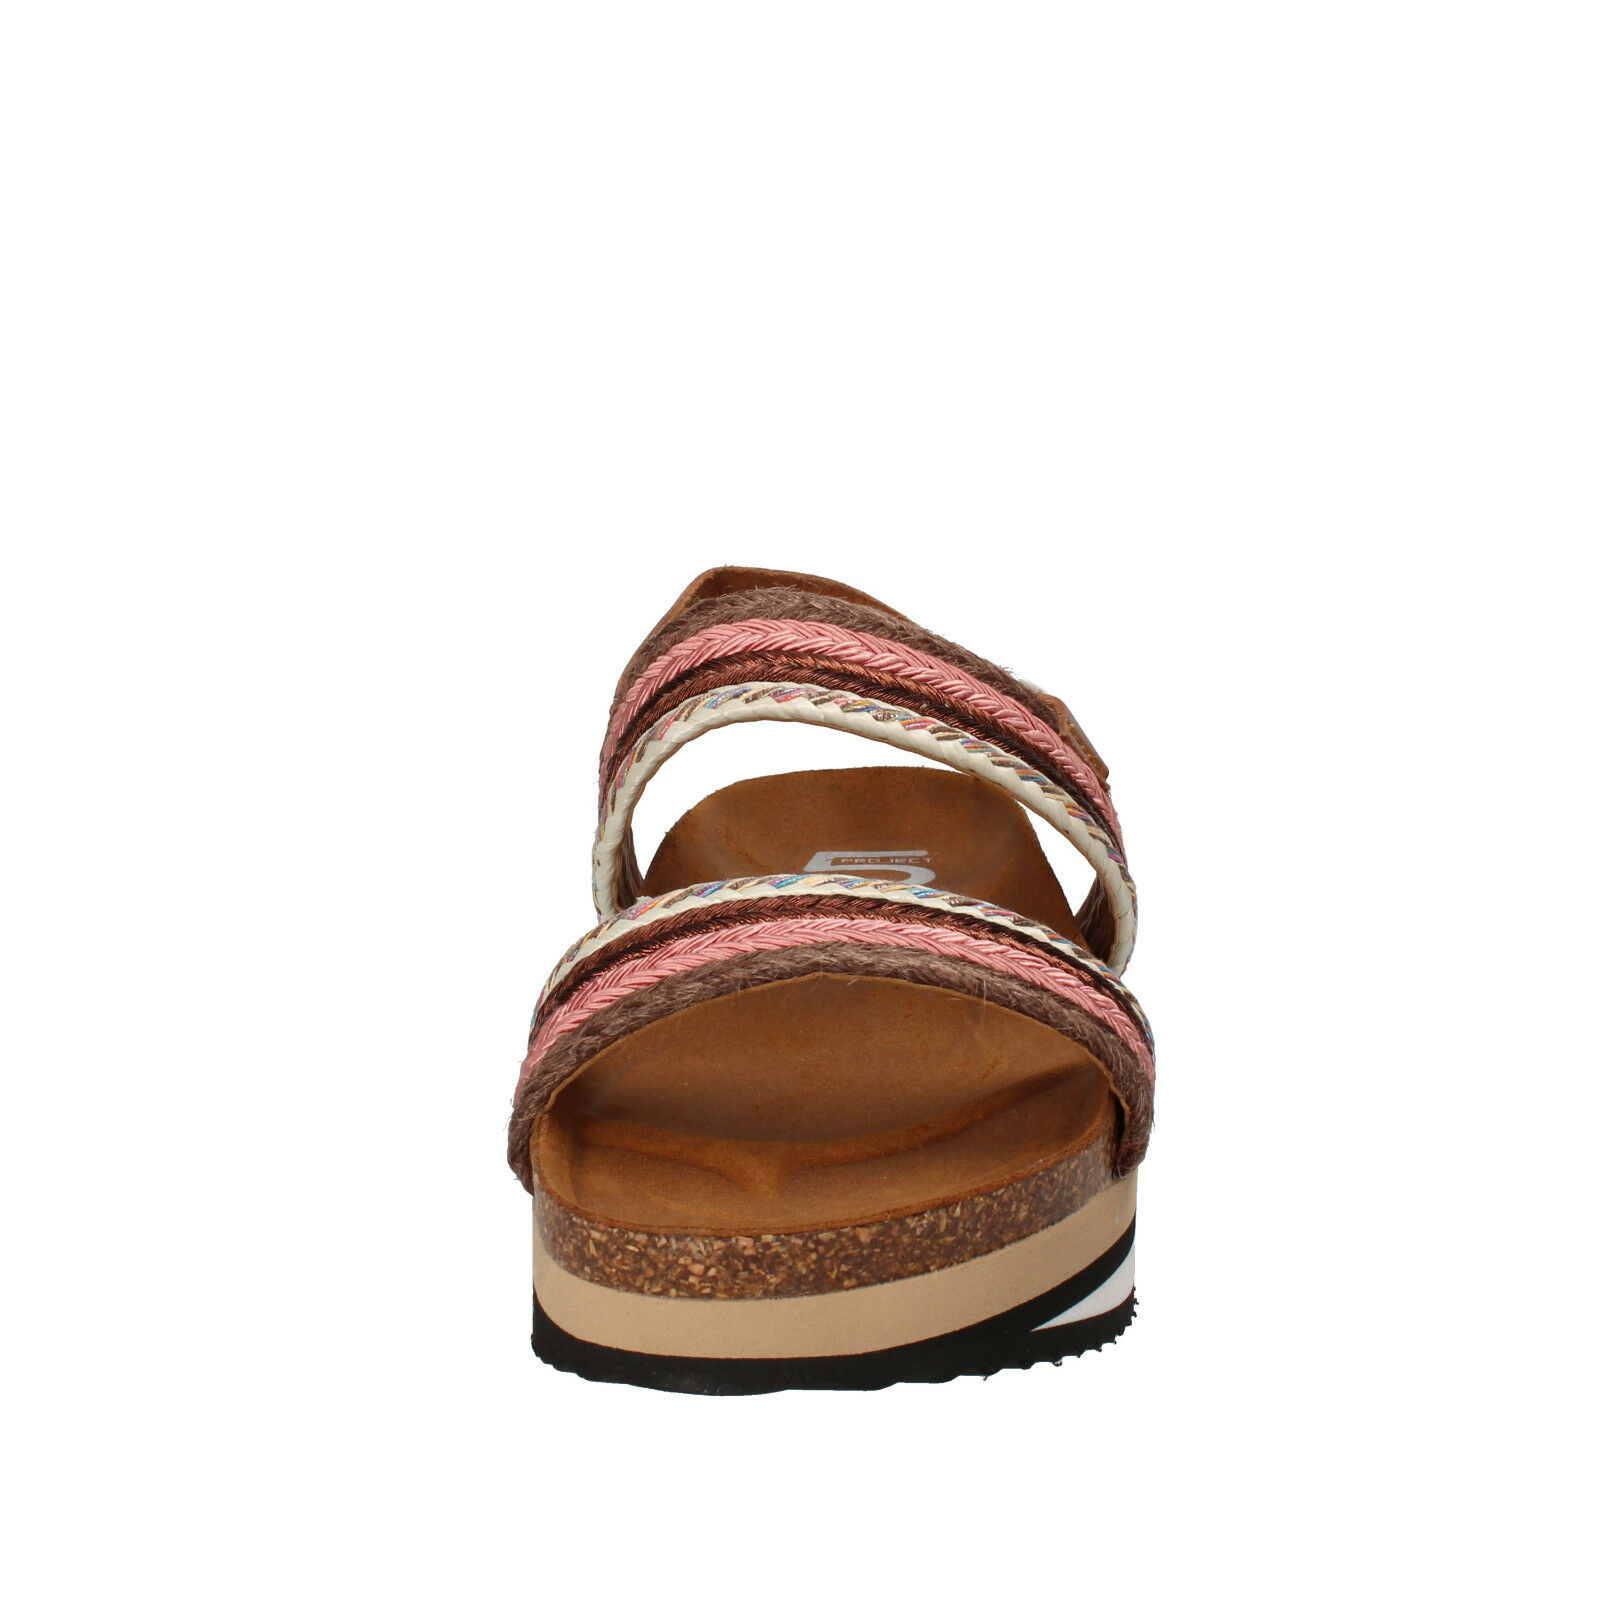 Scarpe donna 5 PRO marrone JECT 41 EU sandali rosa marrone PRO tessuto AC593 9d5423